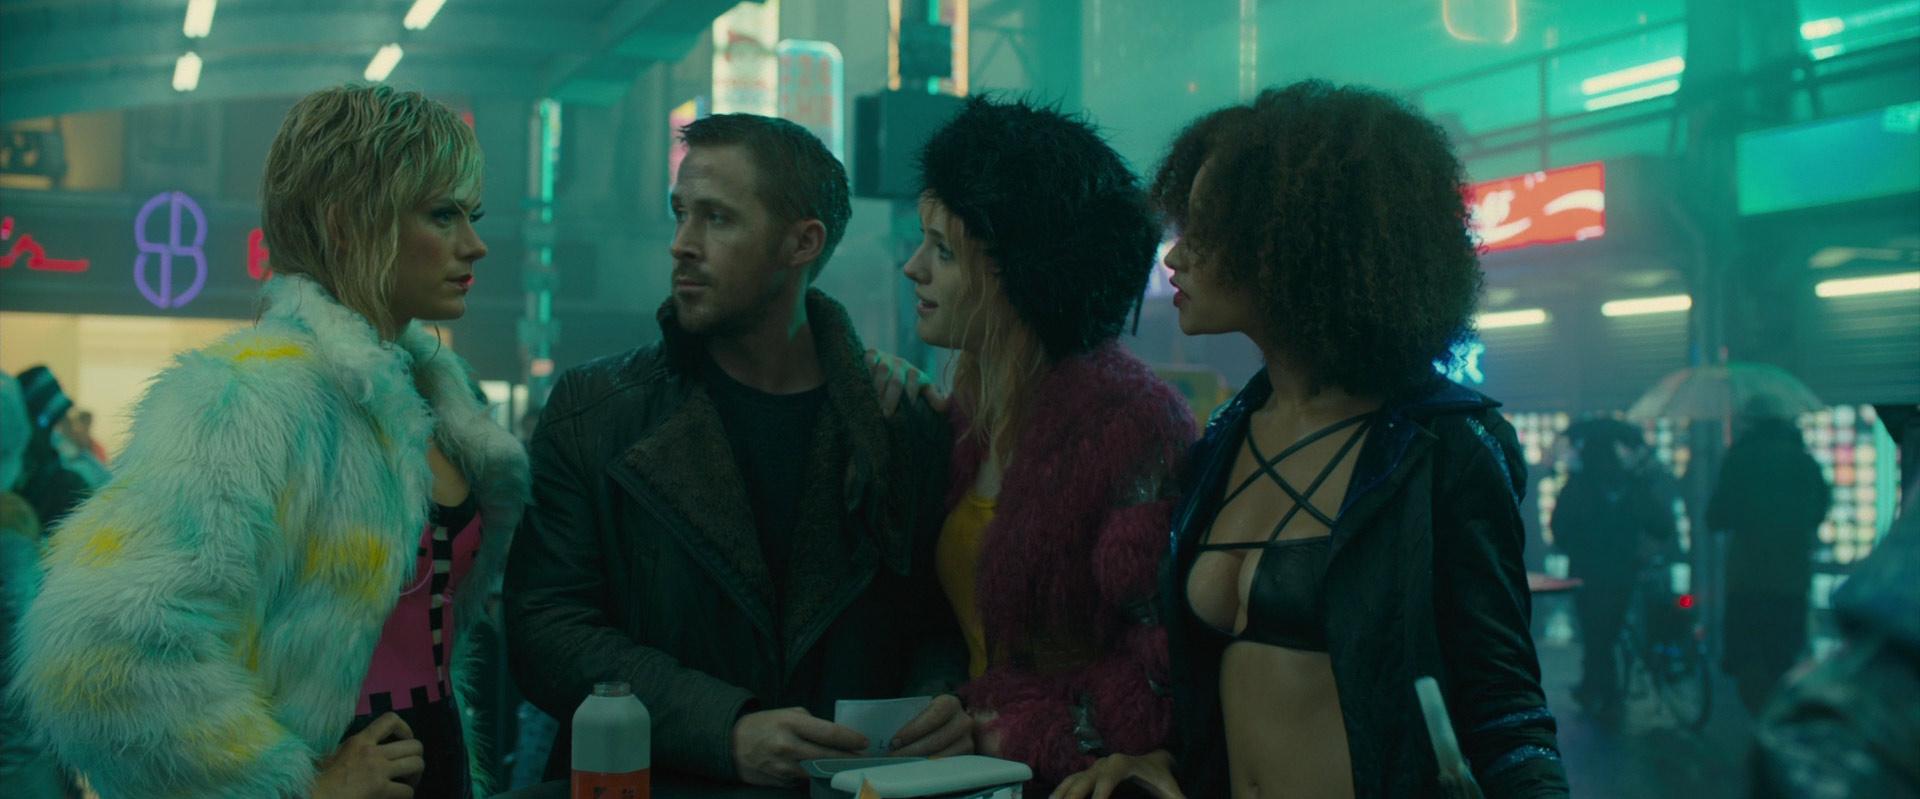 Blade-Runner-2049-0500.jpg